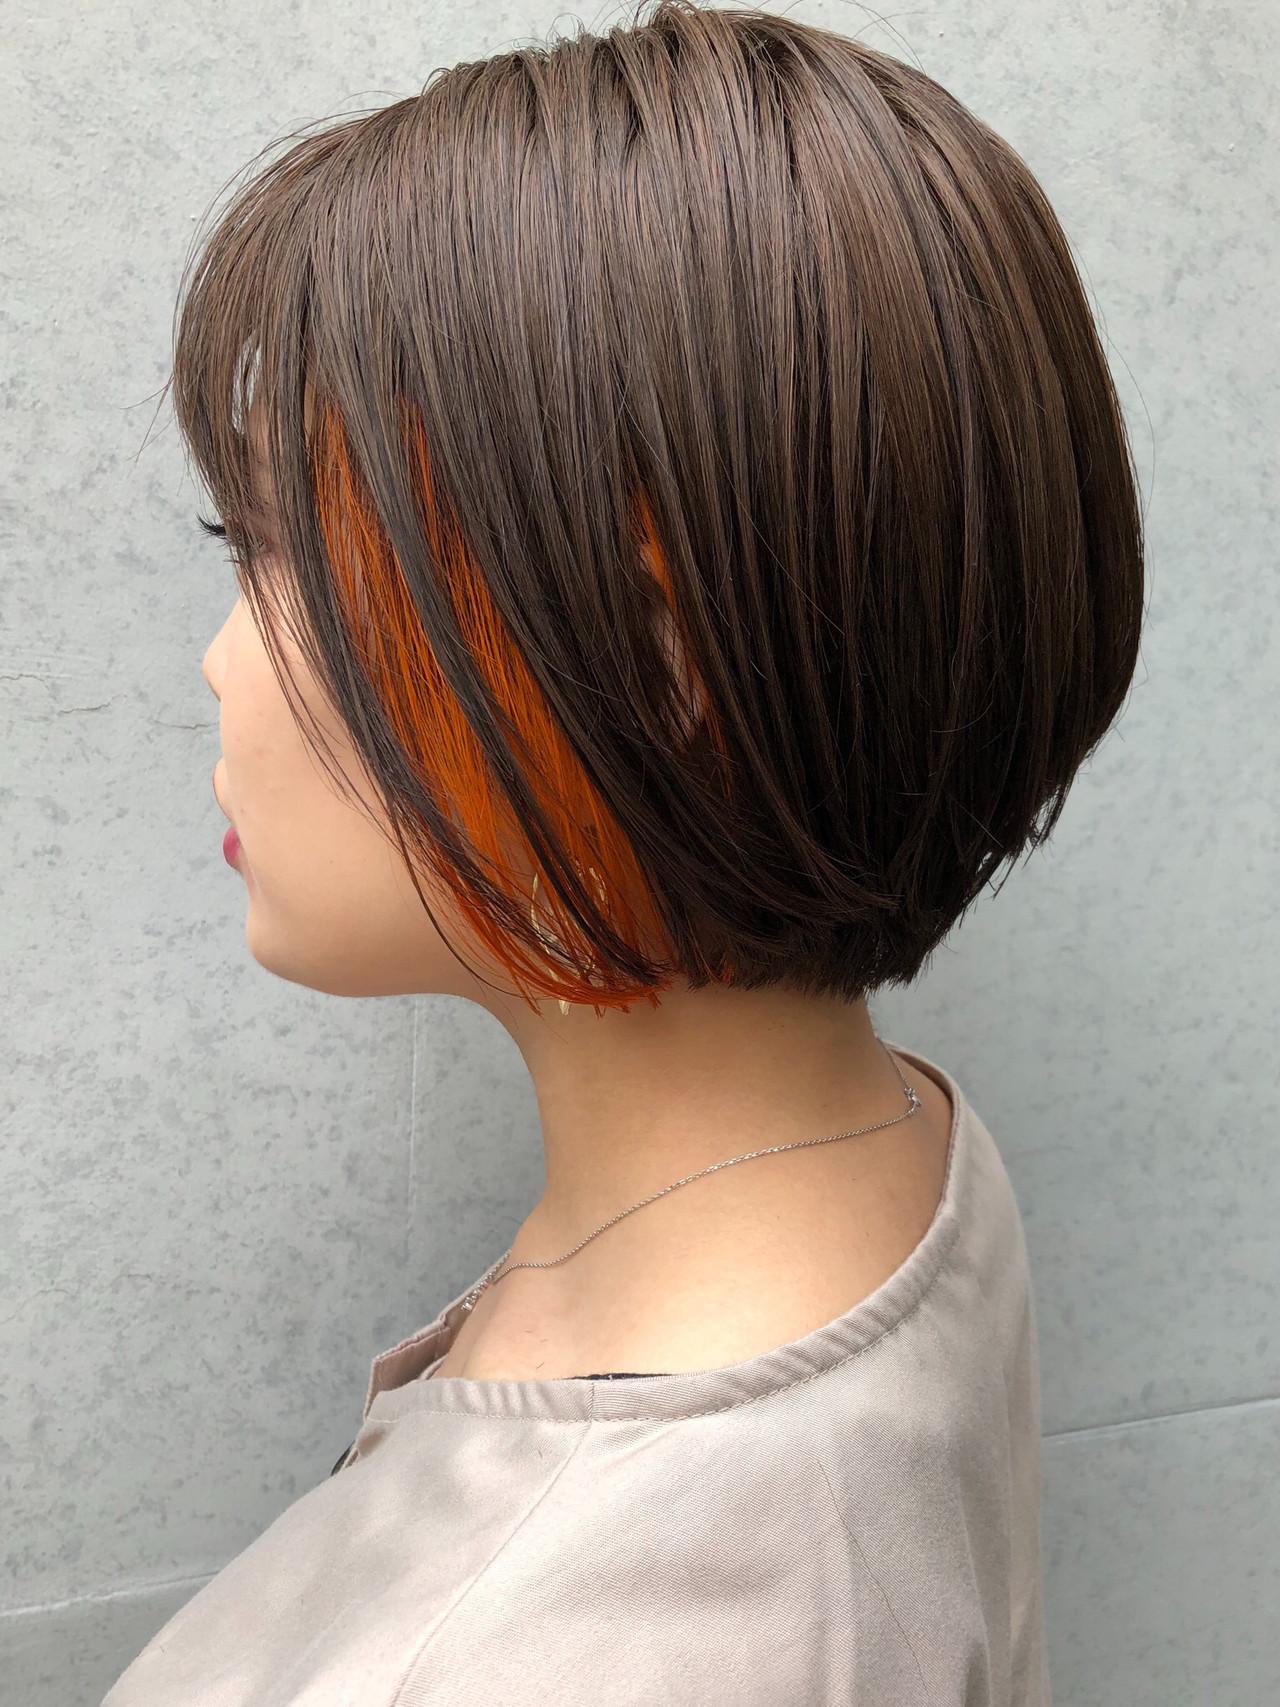 人気色のインナーカラーでスタイリッシュに♪簡単におしゃれヘアになれる!